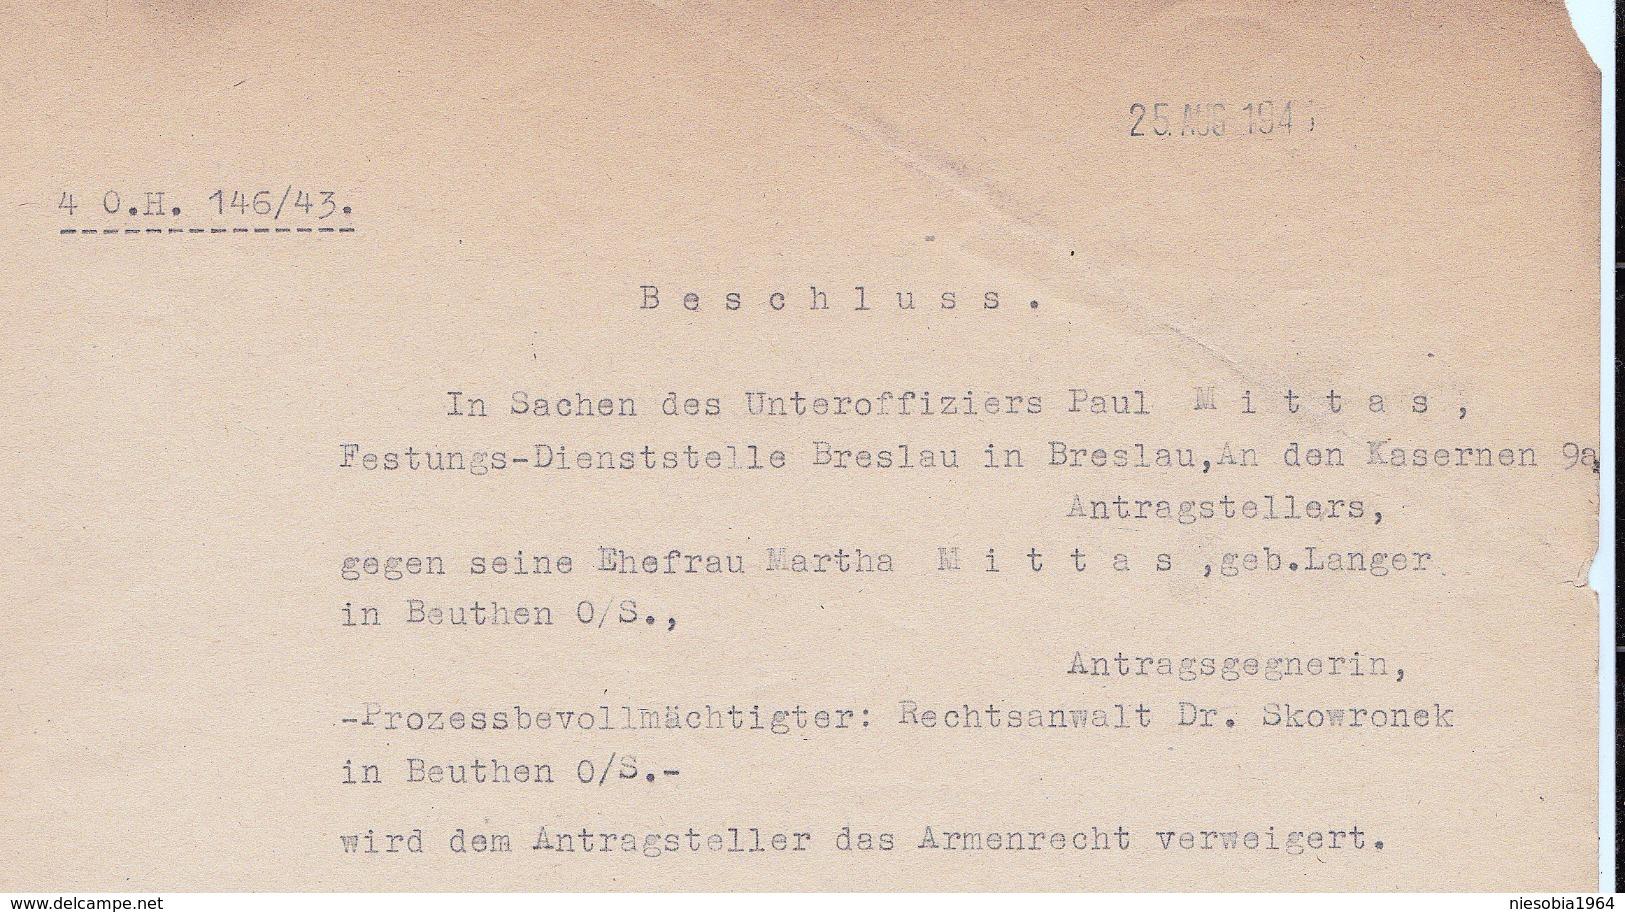 WW2 Oberschlesien Landgericht Beuthen Gericht Sachen Unteroffizier Paul Mittas - Festung - Dienststelle Breslau 1941 - 1939-45